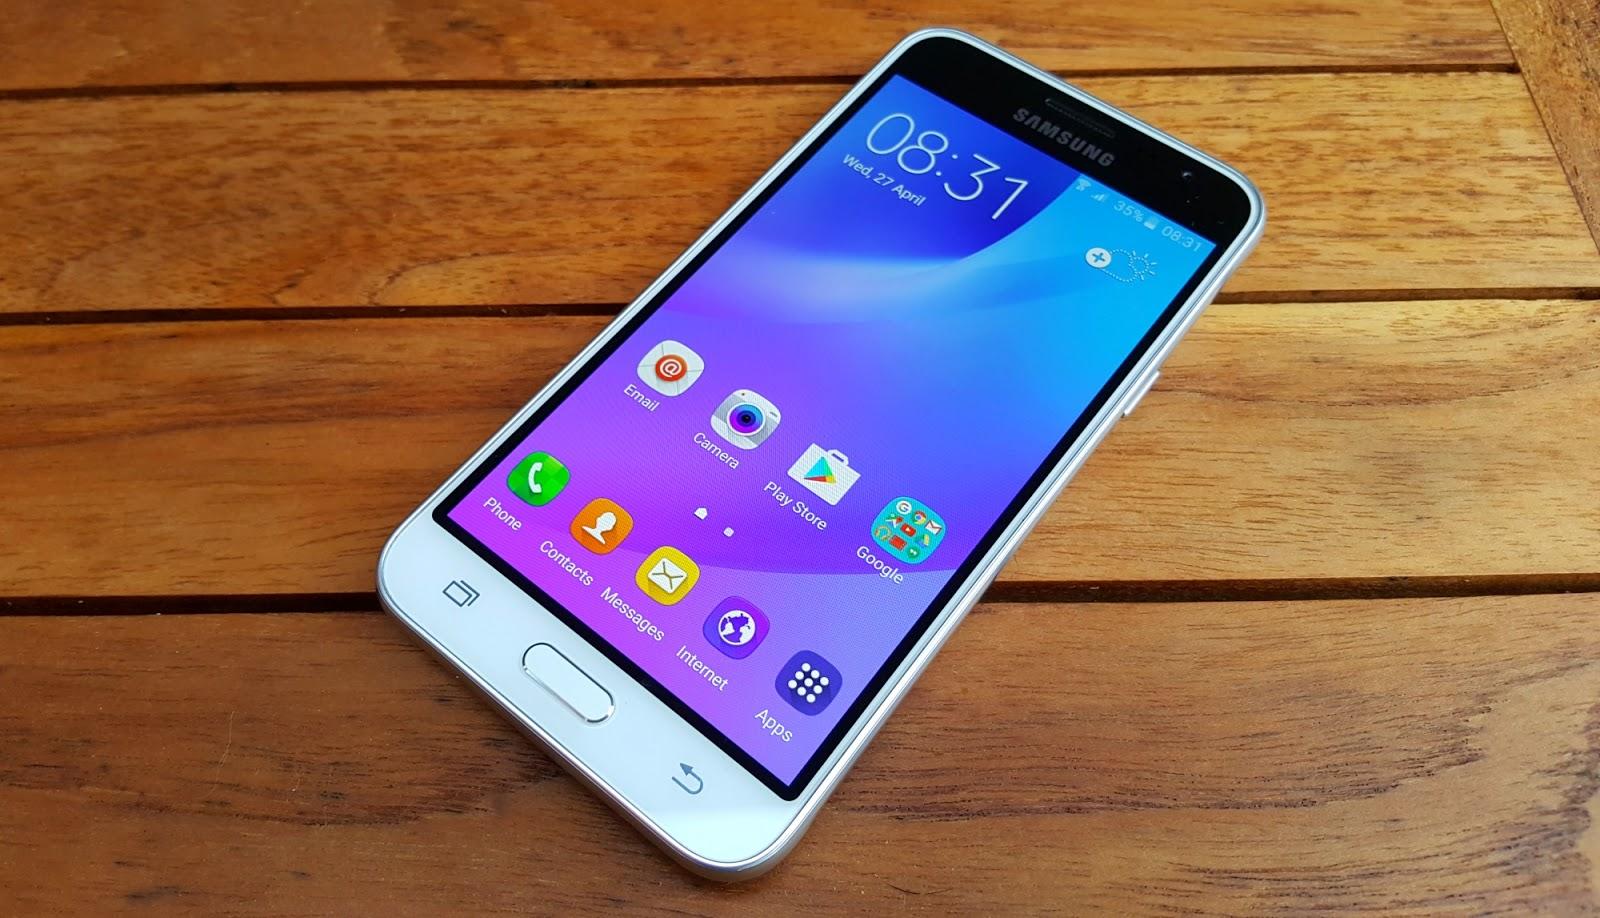 Come riavviare SamsungO Galaxy J3 bloccato che non risponde ai comandi. Riavvio forzato o ripristino alla configurazione iniziale